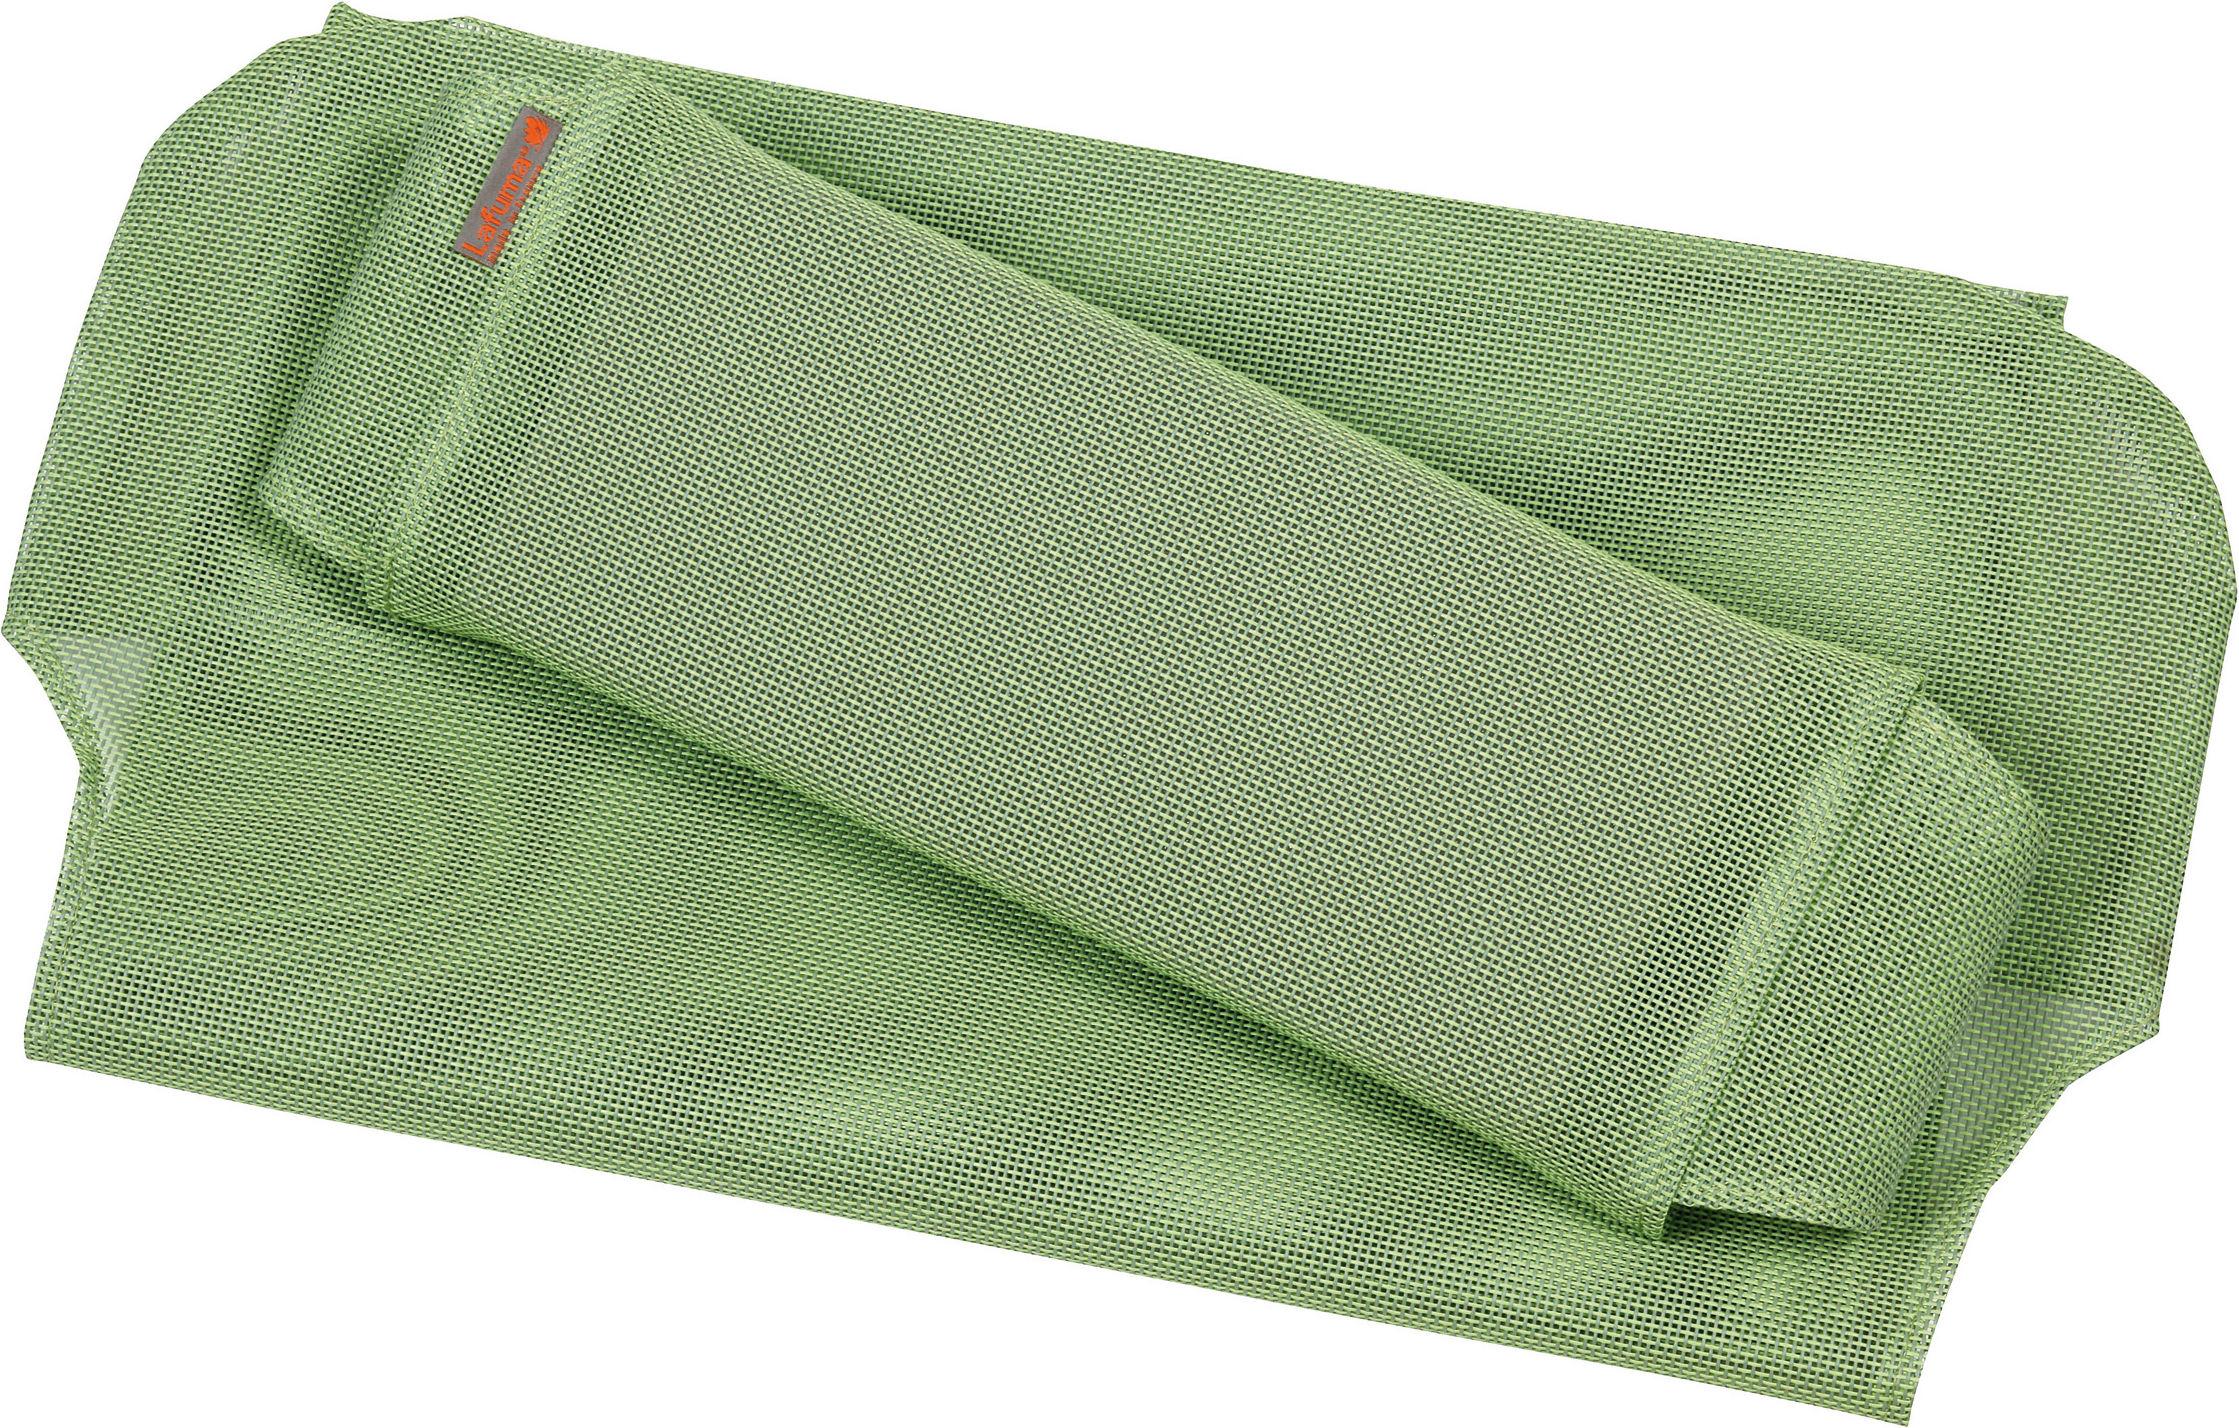 toile de rechange pour chaise longue transaluxe vert absinthe lafuma. Black Bedroom Furniture Sets. Home Design Ideas